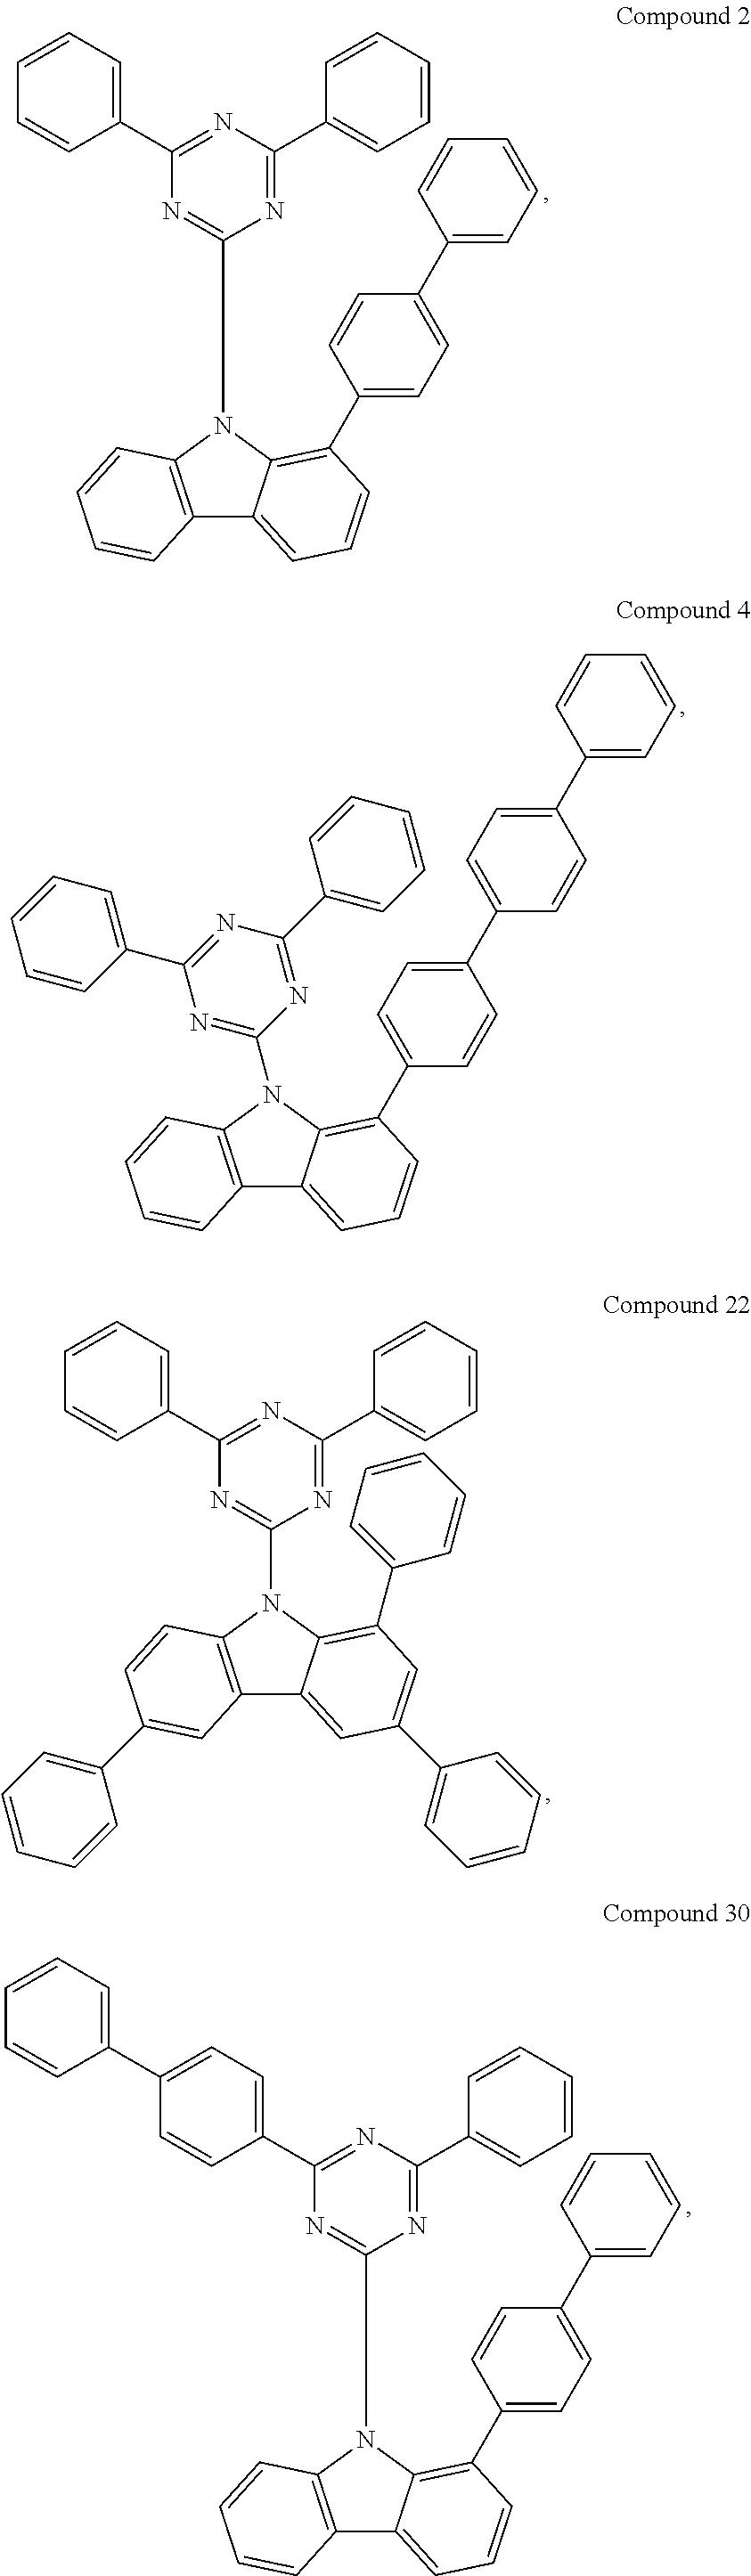 Figure US09673401-20170606-C00037